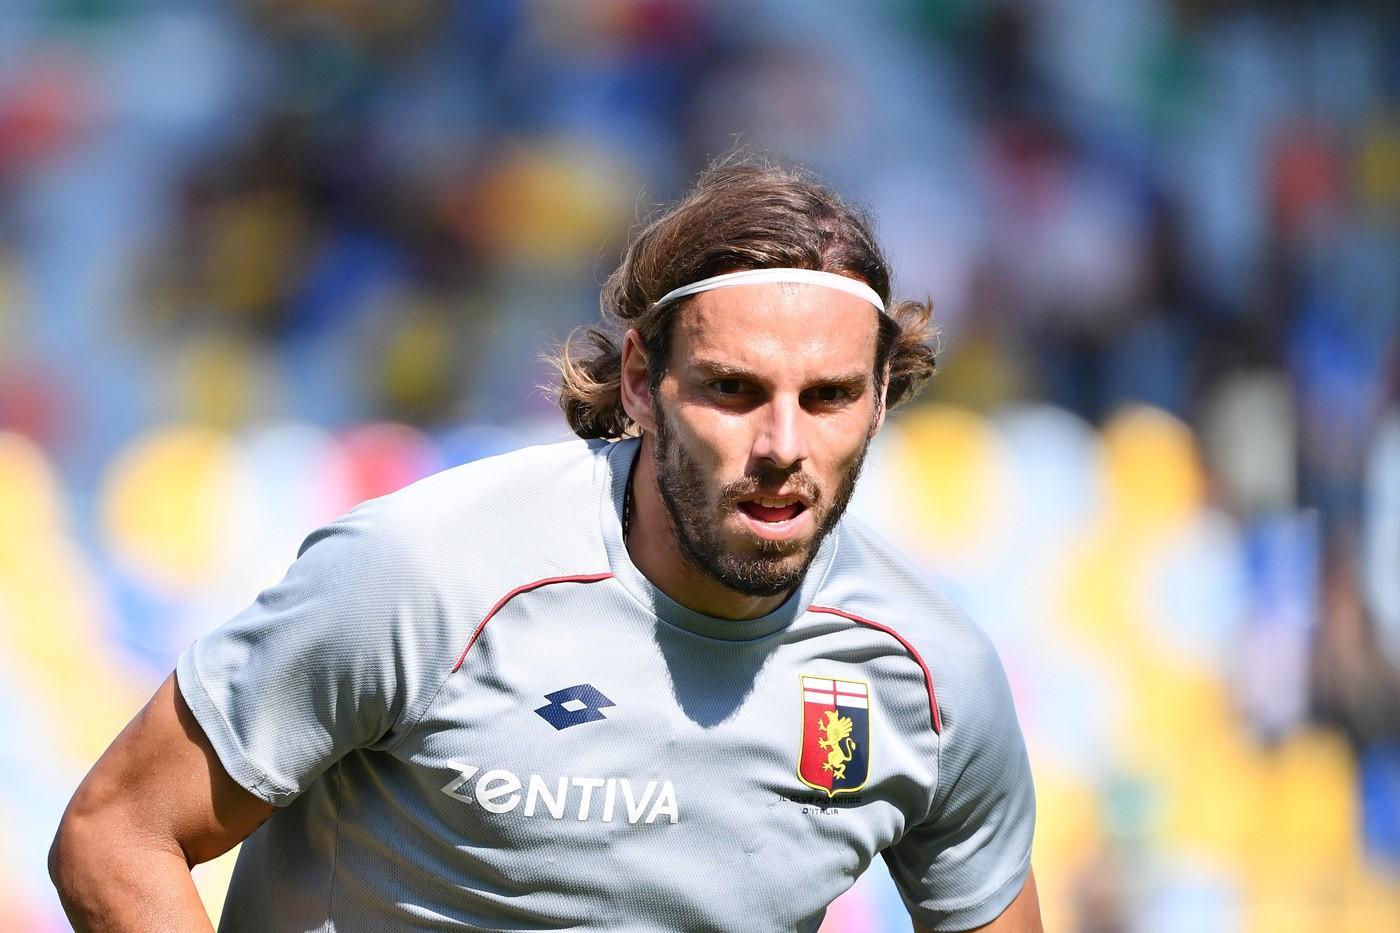 Federico Marchetti (Foto Alfredo Falcone/LaPresse)